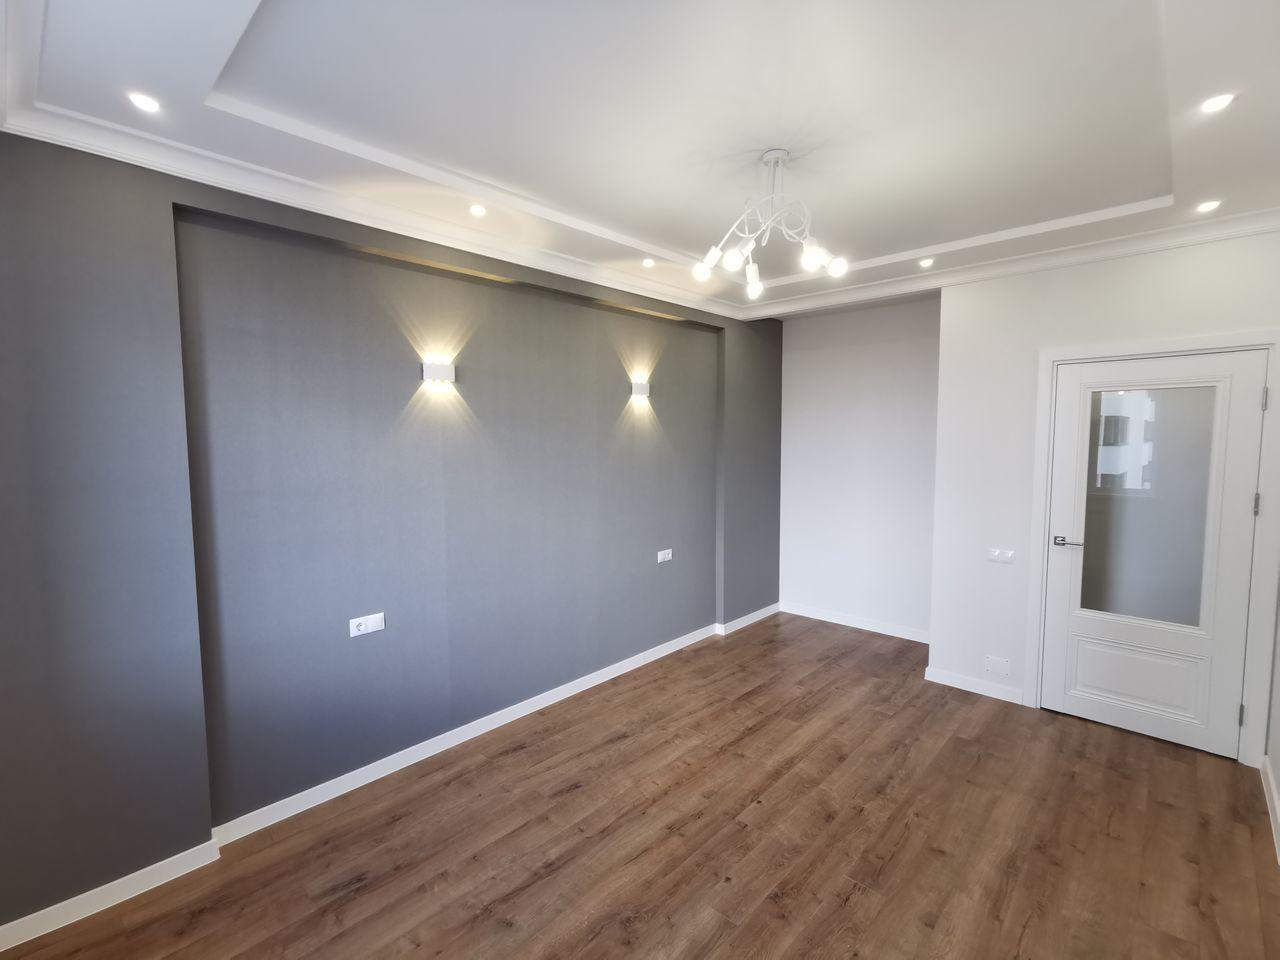 2-комнатная квартира — 72 м2 с евроремонтом, Exfactor, Буюкань